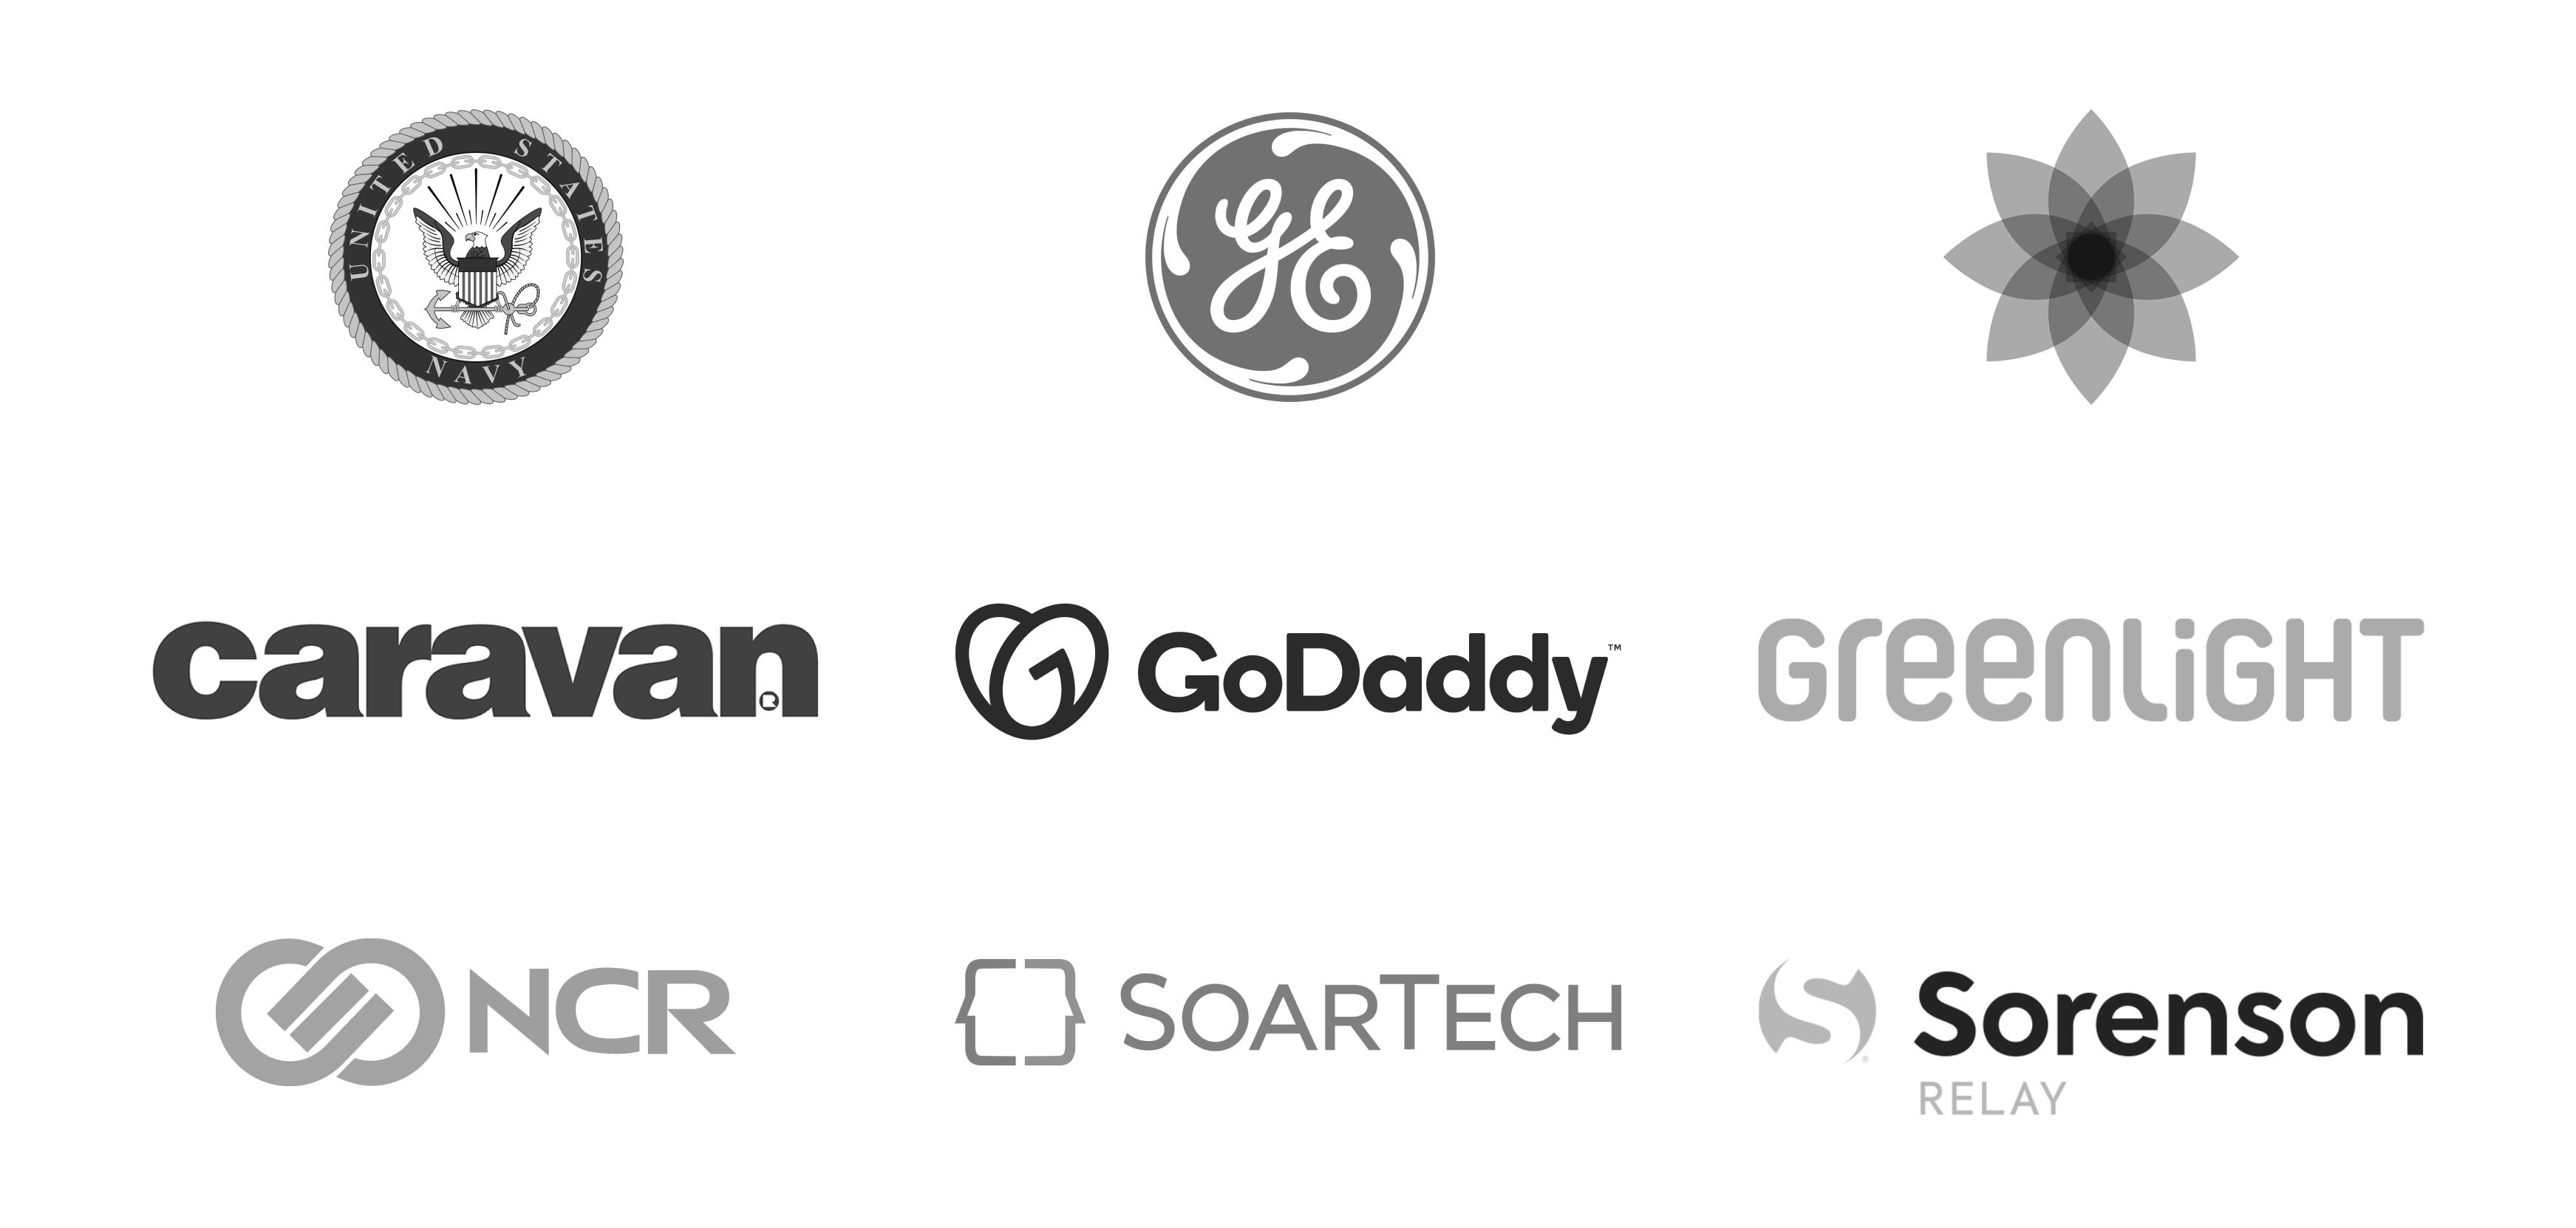 Compay logos